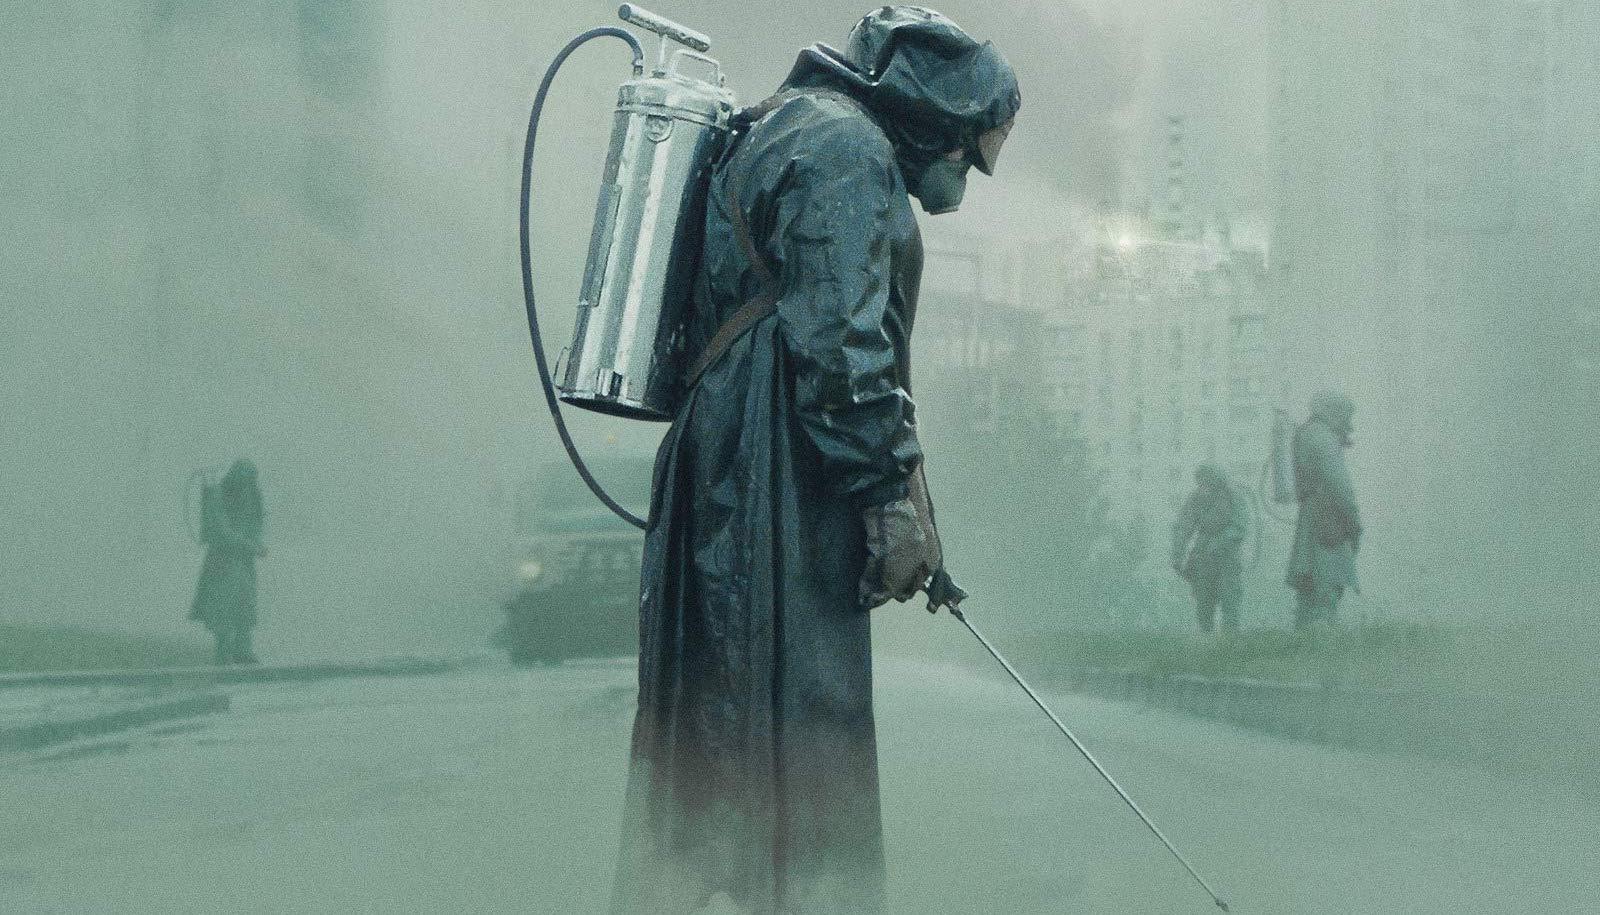 HBO Chernobyl TV